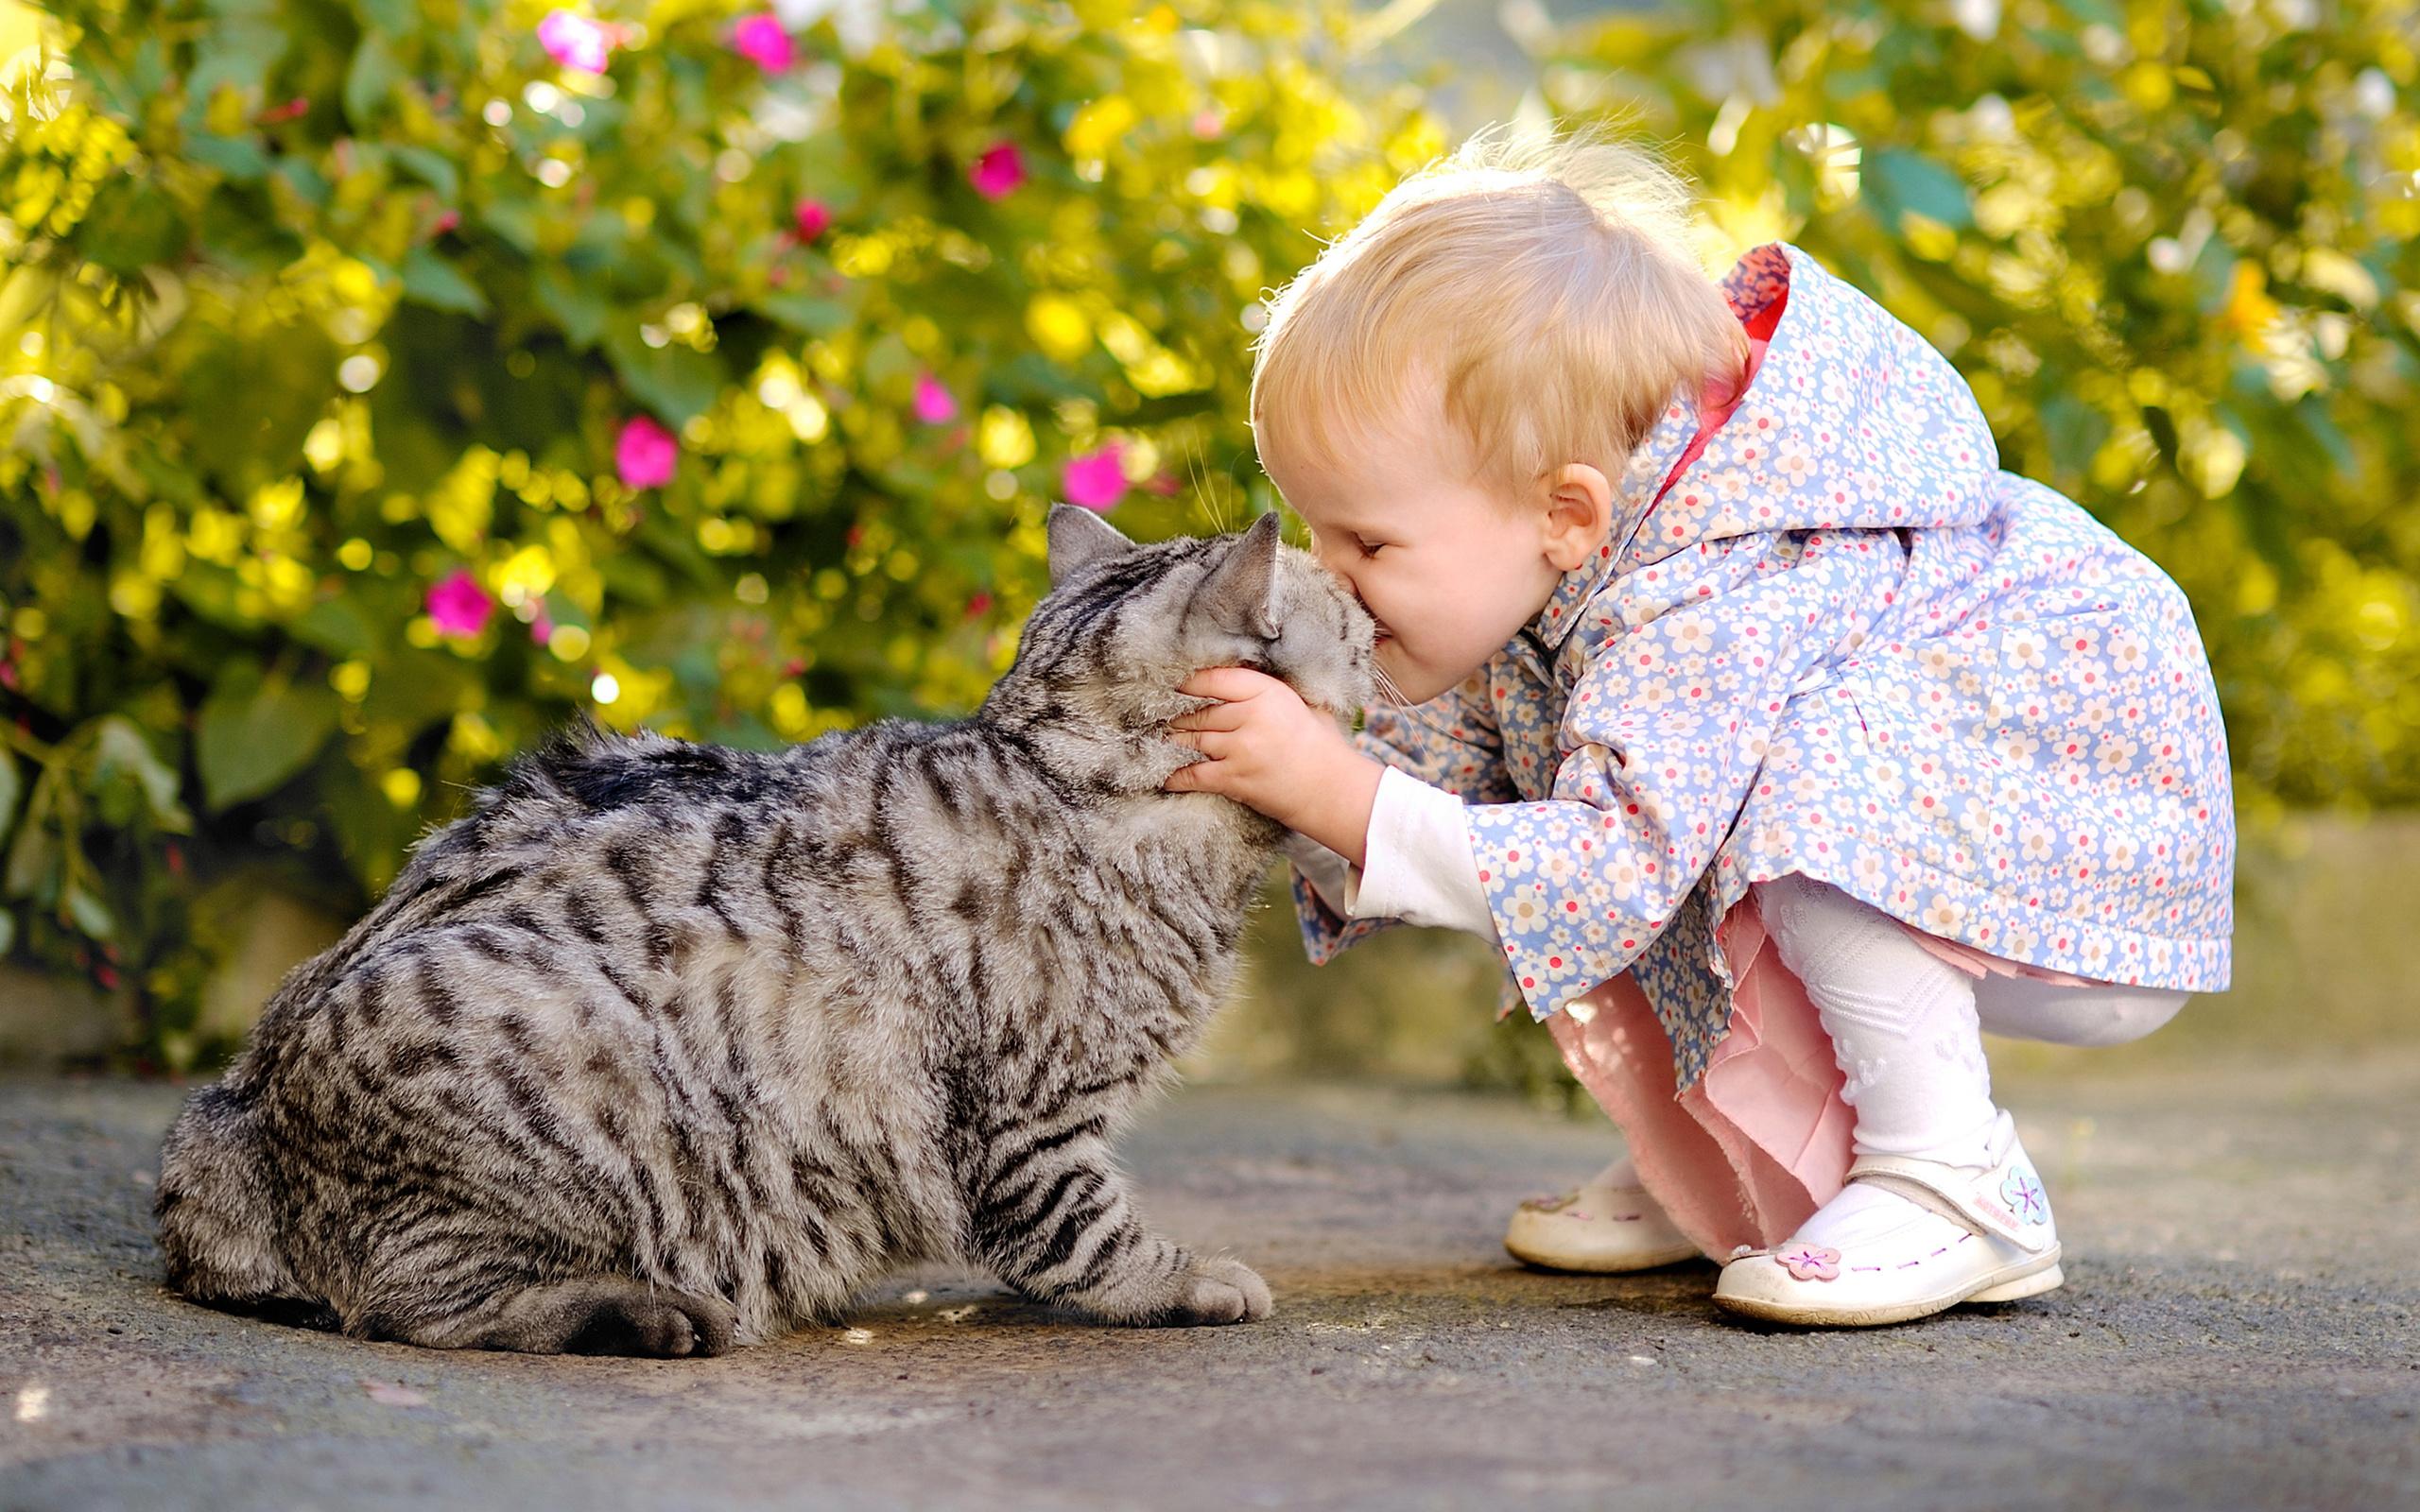 Прикольные картинки с животными детьми